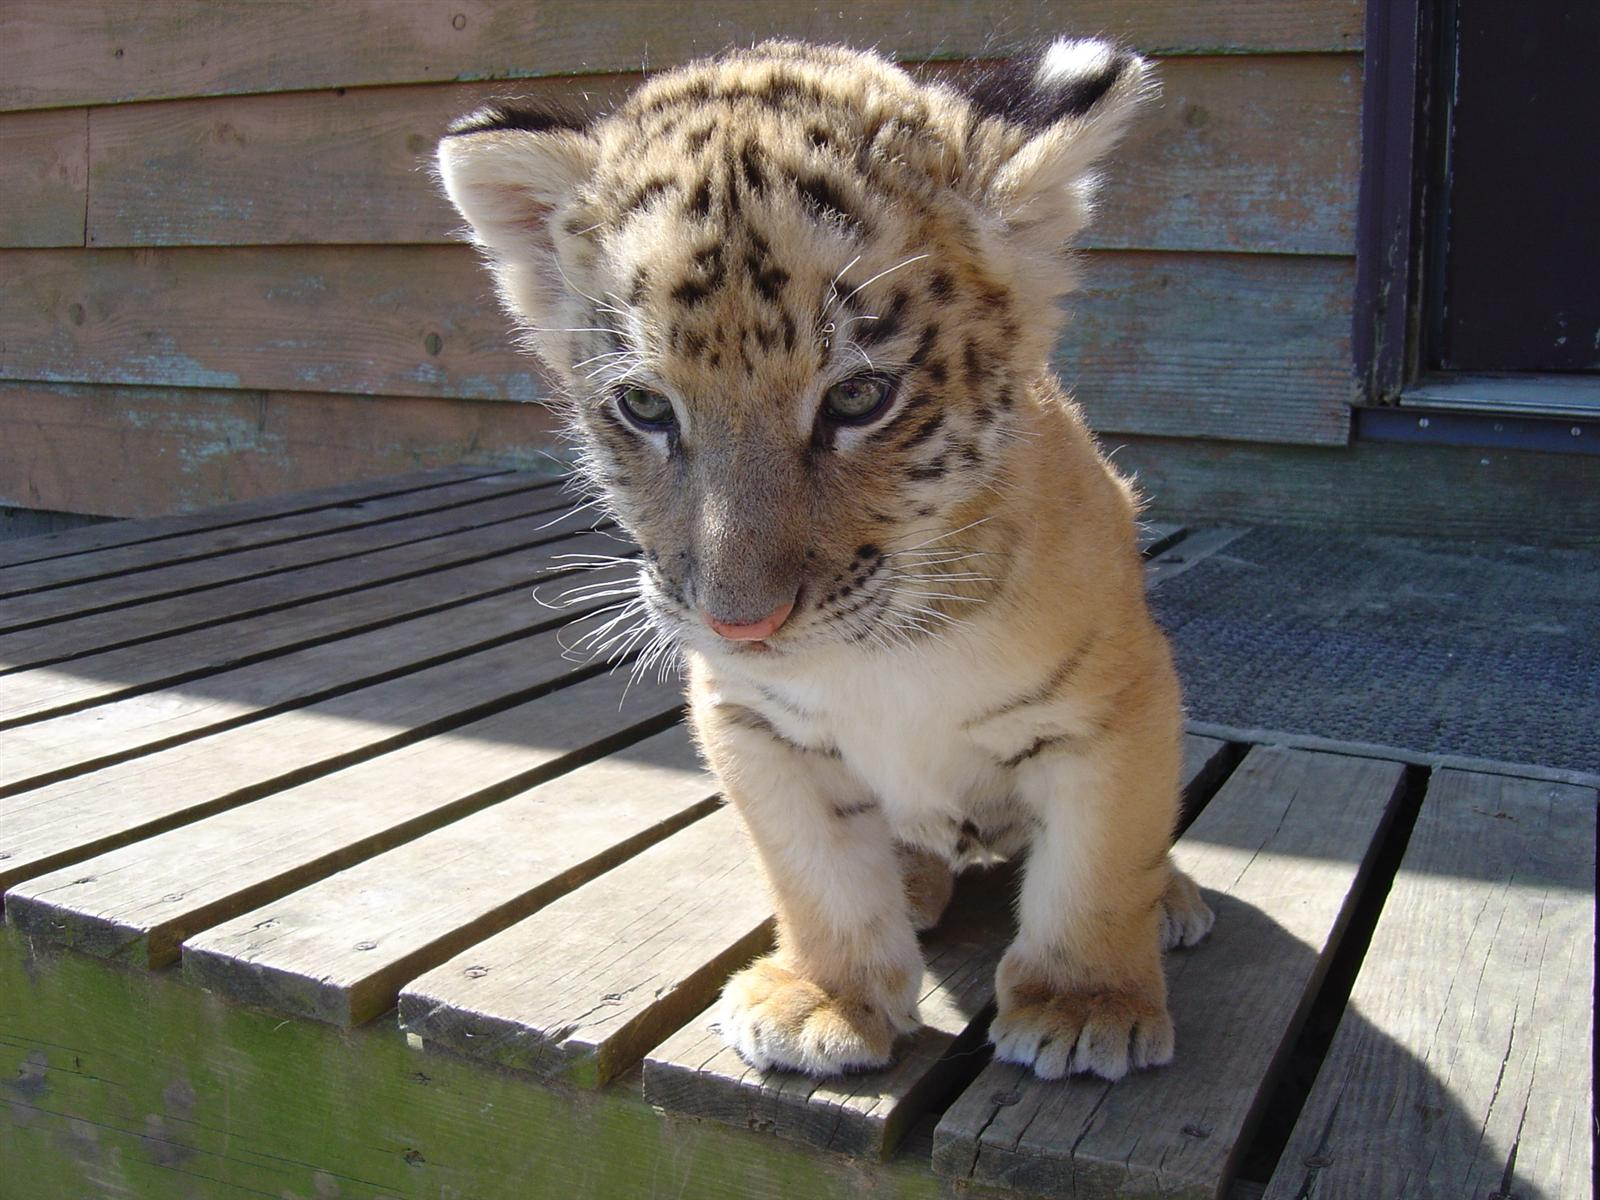 animales bebes tiernos - Taringa!